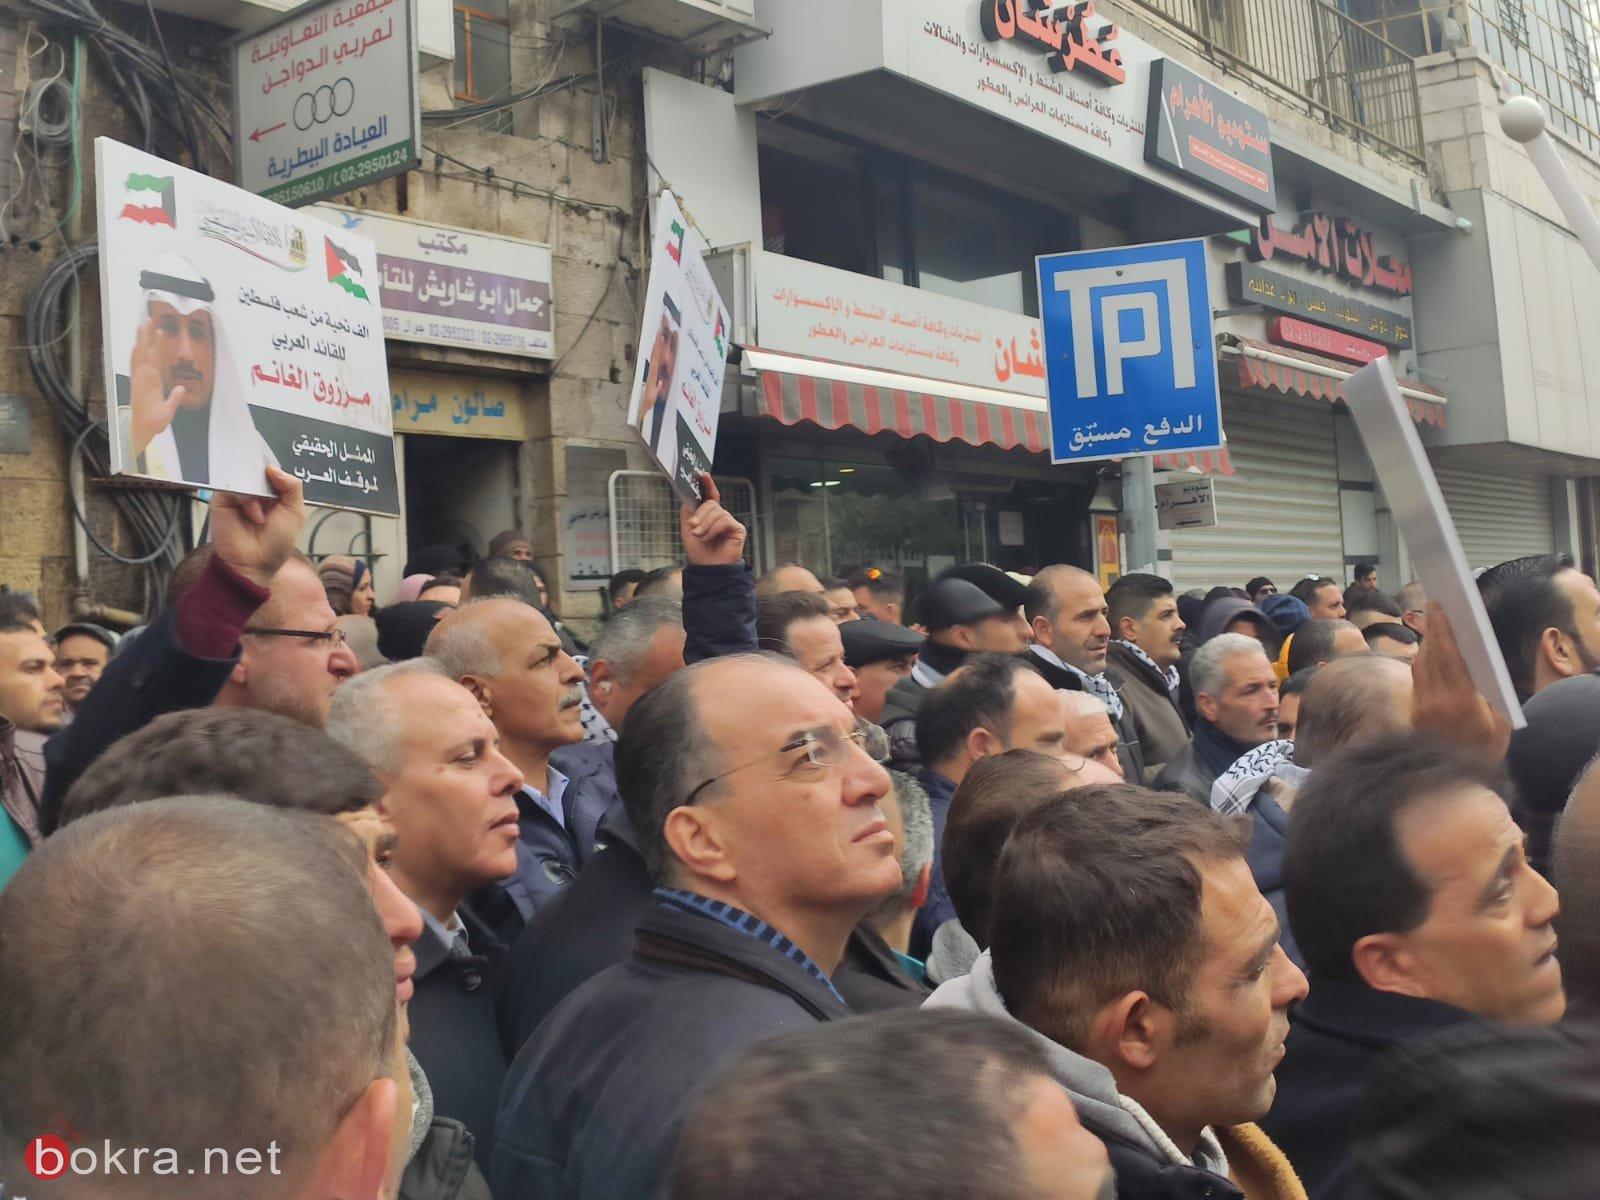 الآلاف من الفلسطينيين يشاركون في المهرجان المركزي المندد بـ (صفقة القرن)